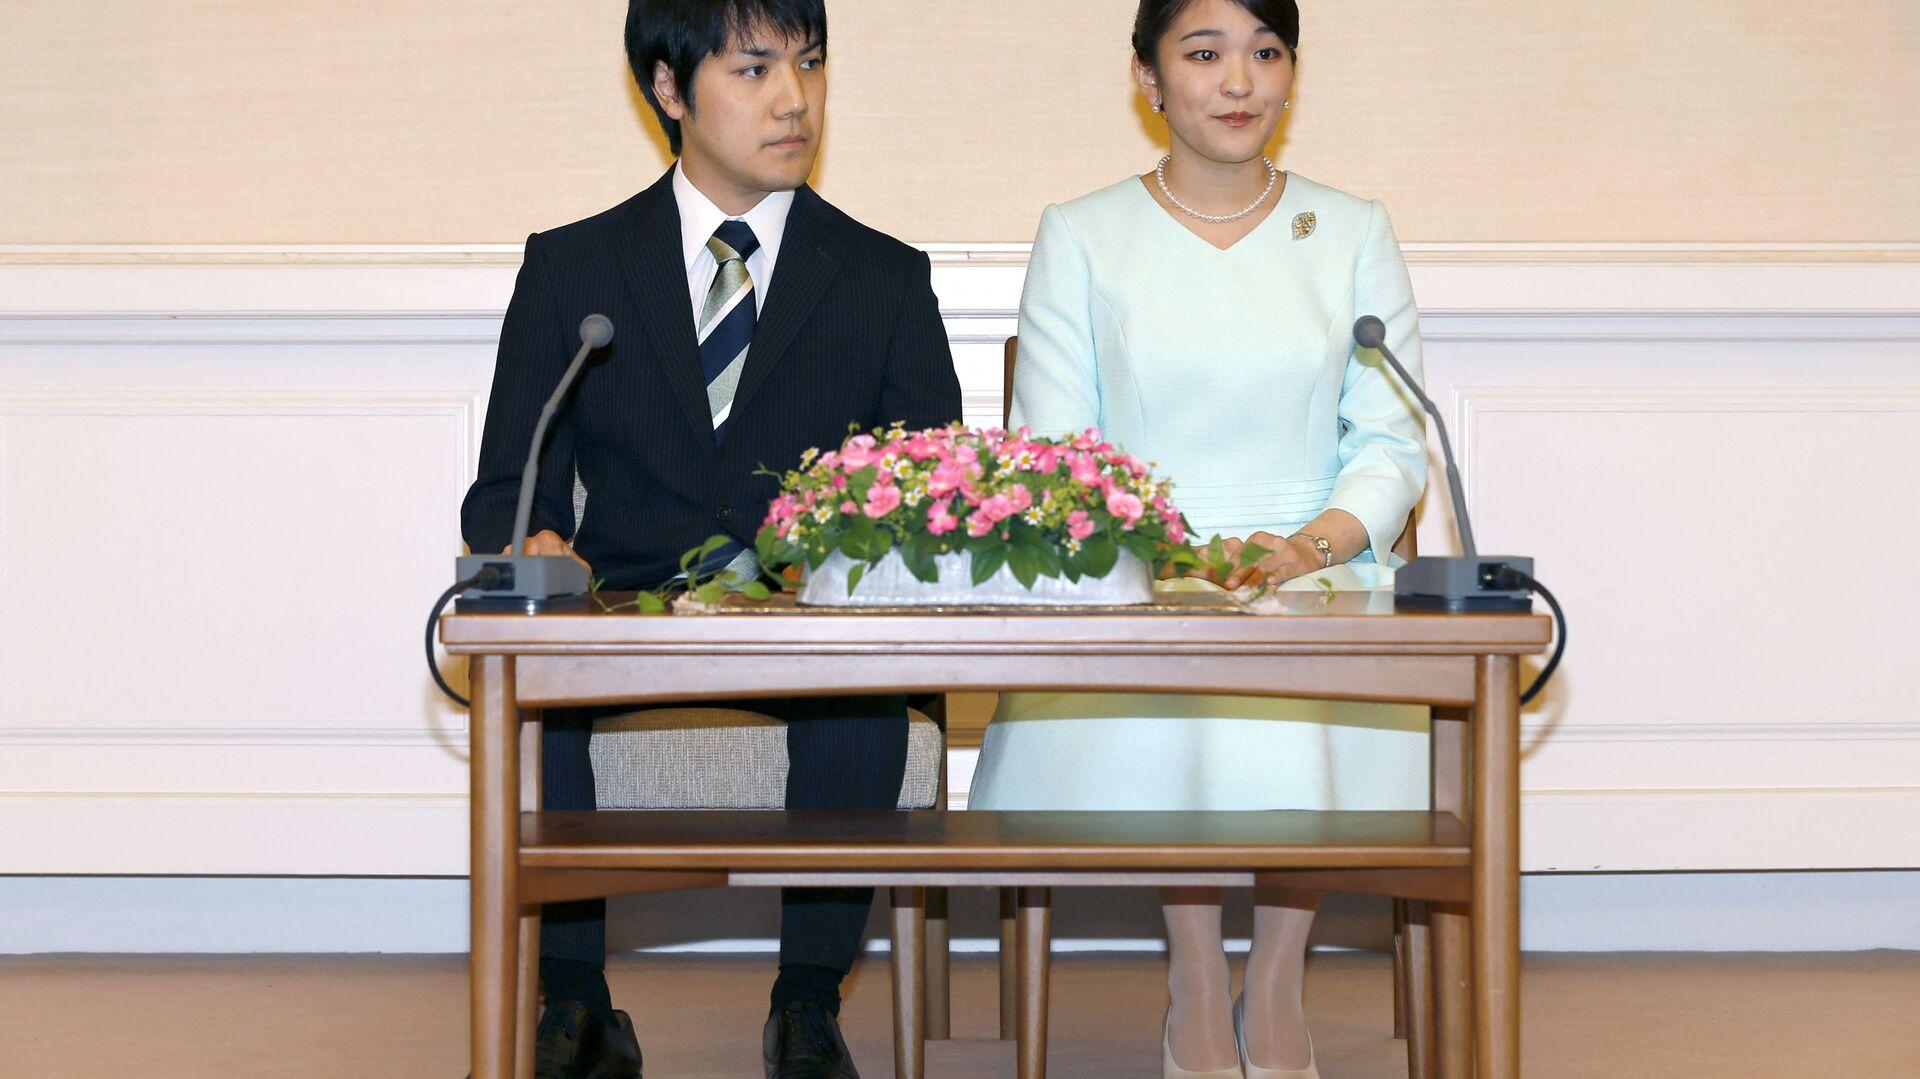 小室圭さん、27日に米国から日本へ帰国 眞子さまと記者会見も検討 - Sputnik 日本, 1920, 22.09.2021